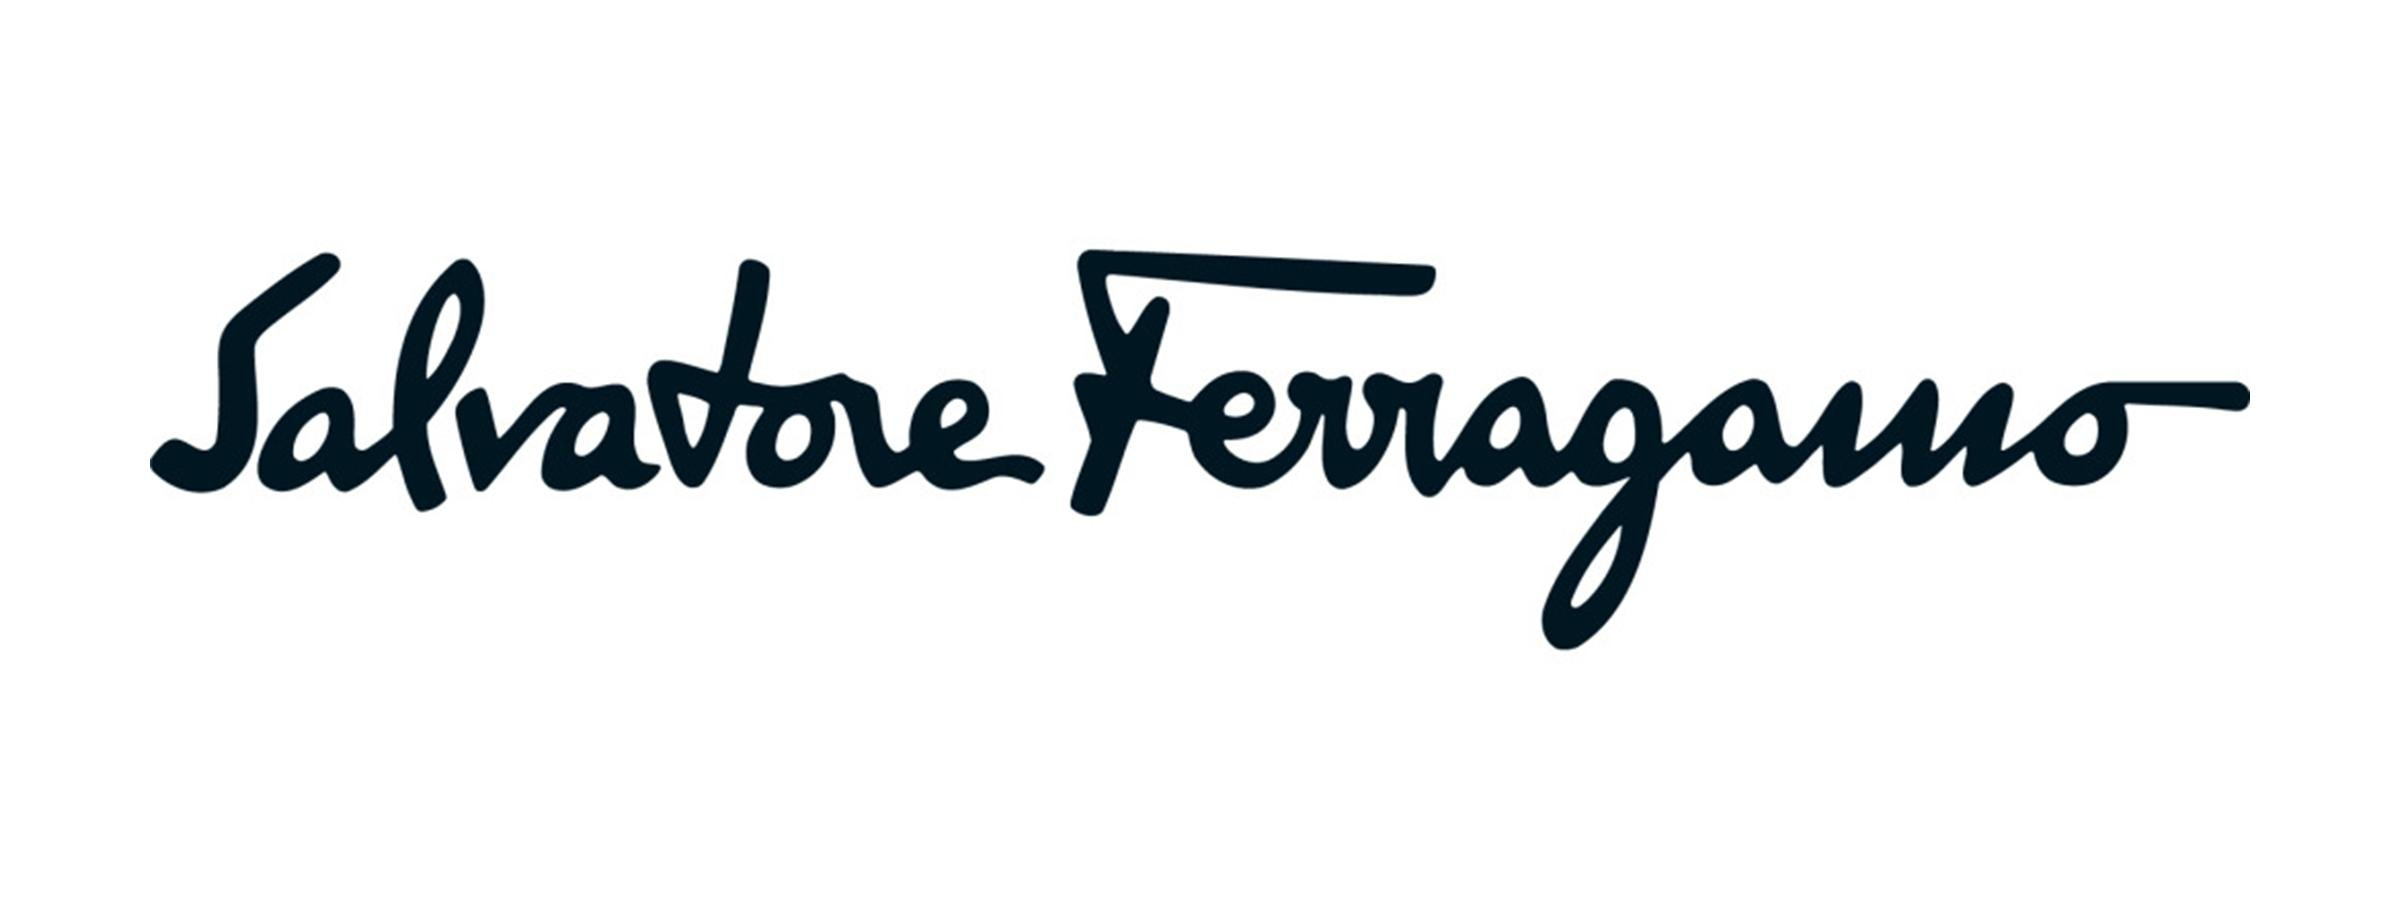 ferragamo-header